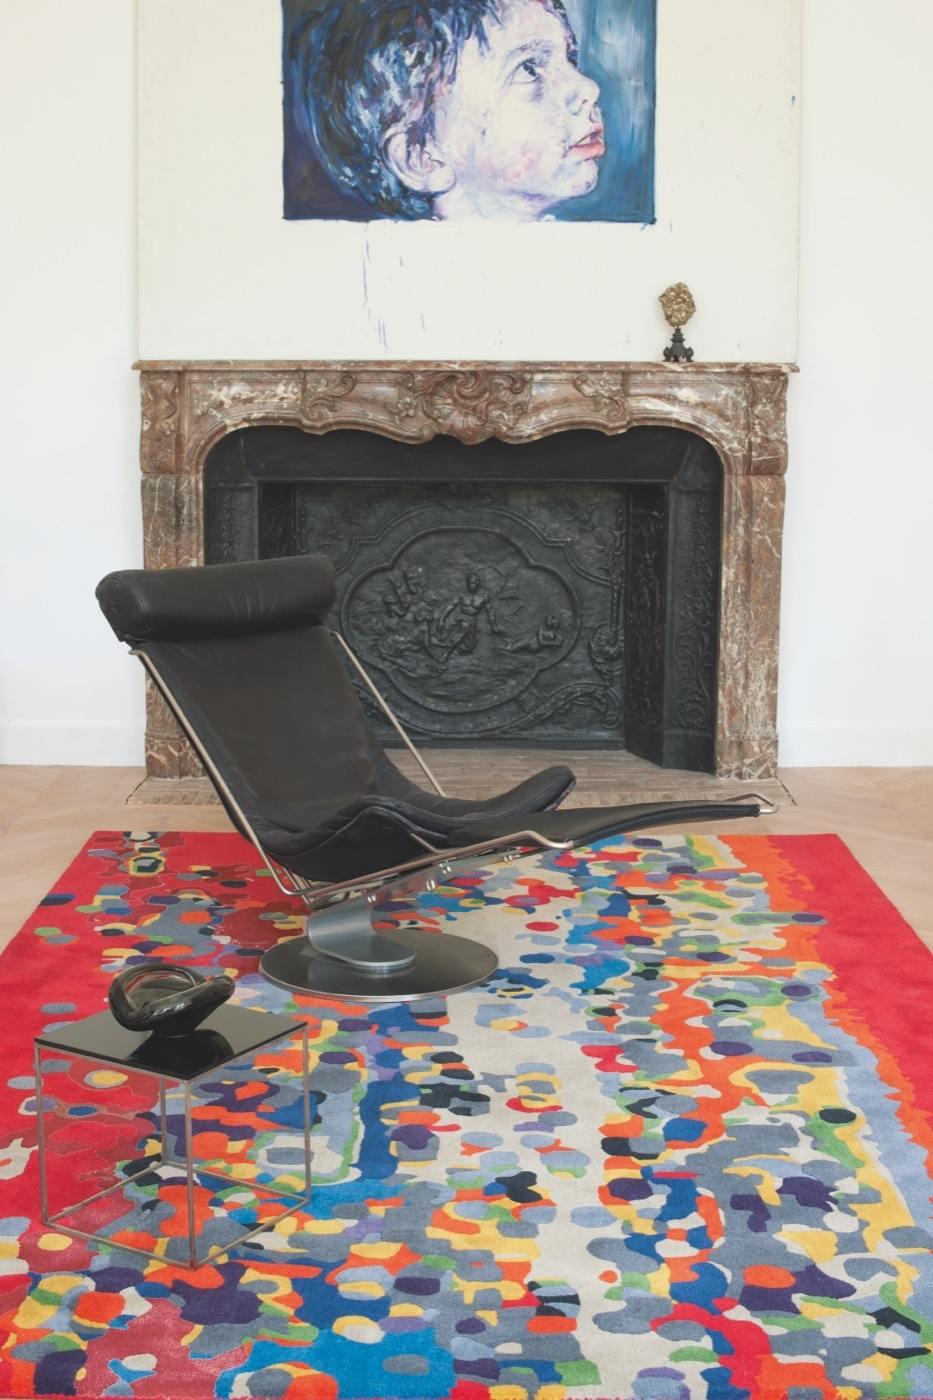 TAPIS ARABESQUE La decoration sur mesure THIERS Puy de Dome 63 TAPISSIER DECORATEUR fauteuil rideaux stores tissus